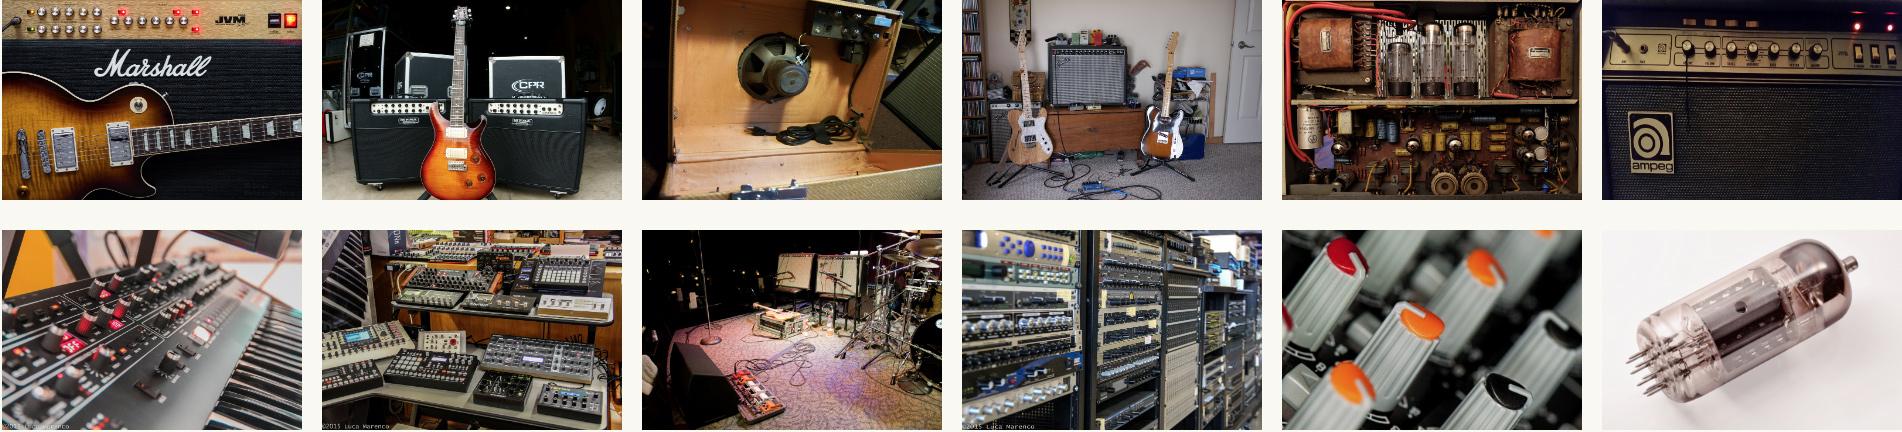 Servicio técnico en electrónica - Amplificadores valvulares, híbridos y transistorizados - Atención integral al músico